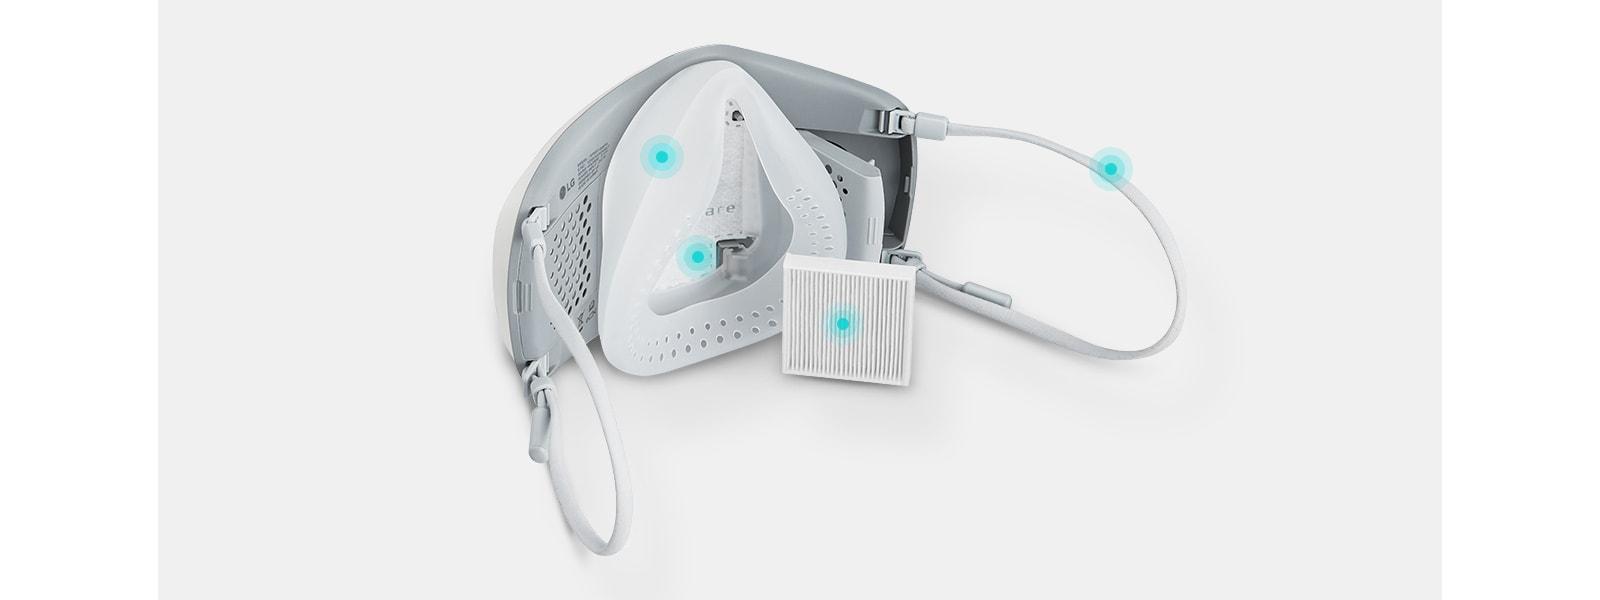 穿戴式空氣清新機配備一些可更換零件,例如過濾器、面罩、內蓋和耳帶,讓空氣持久清新。